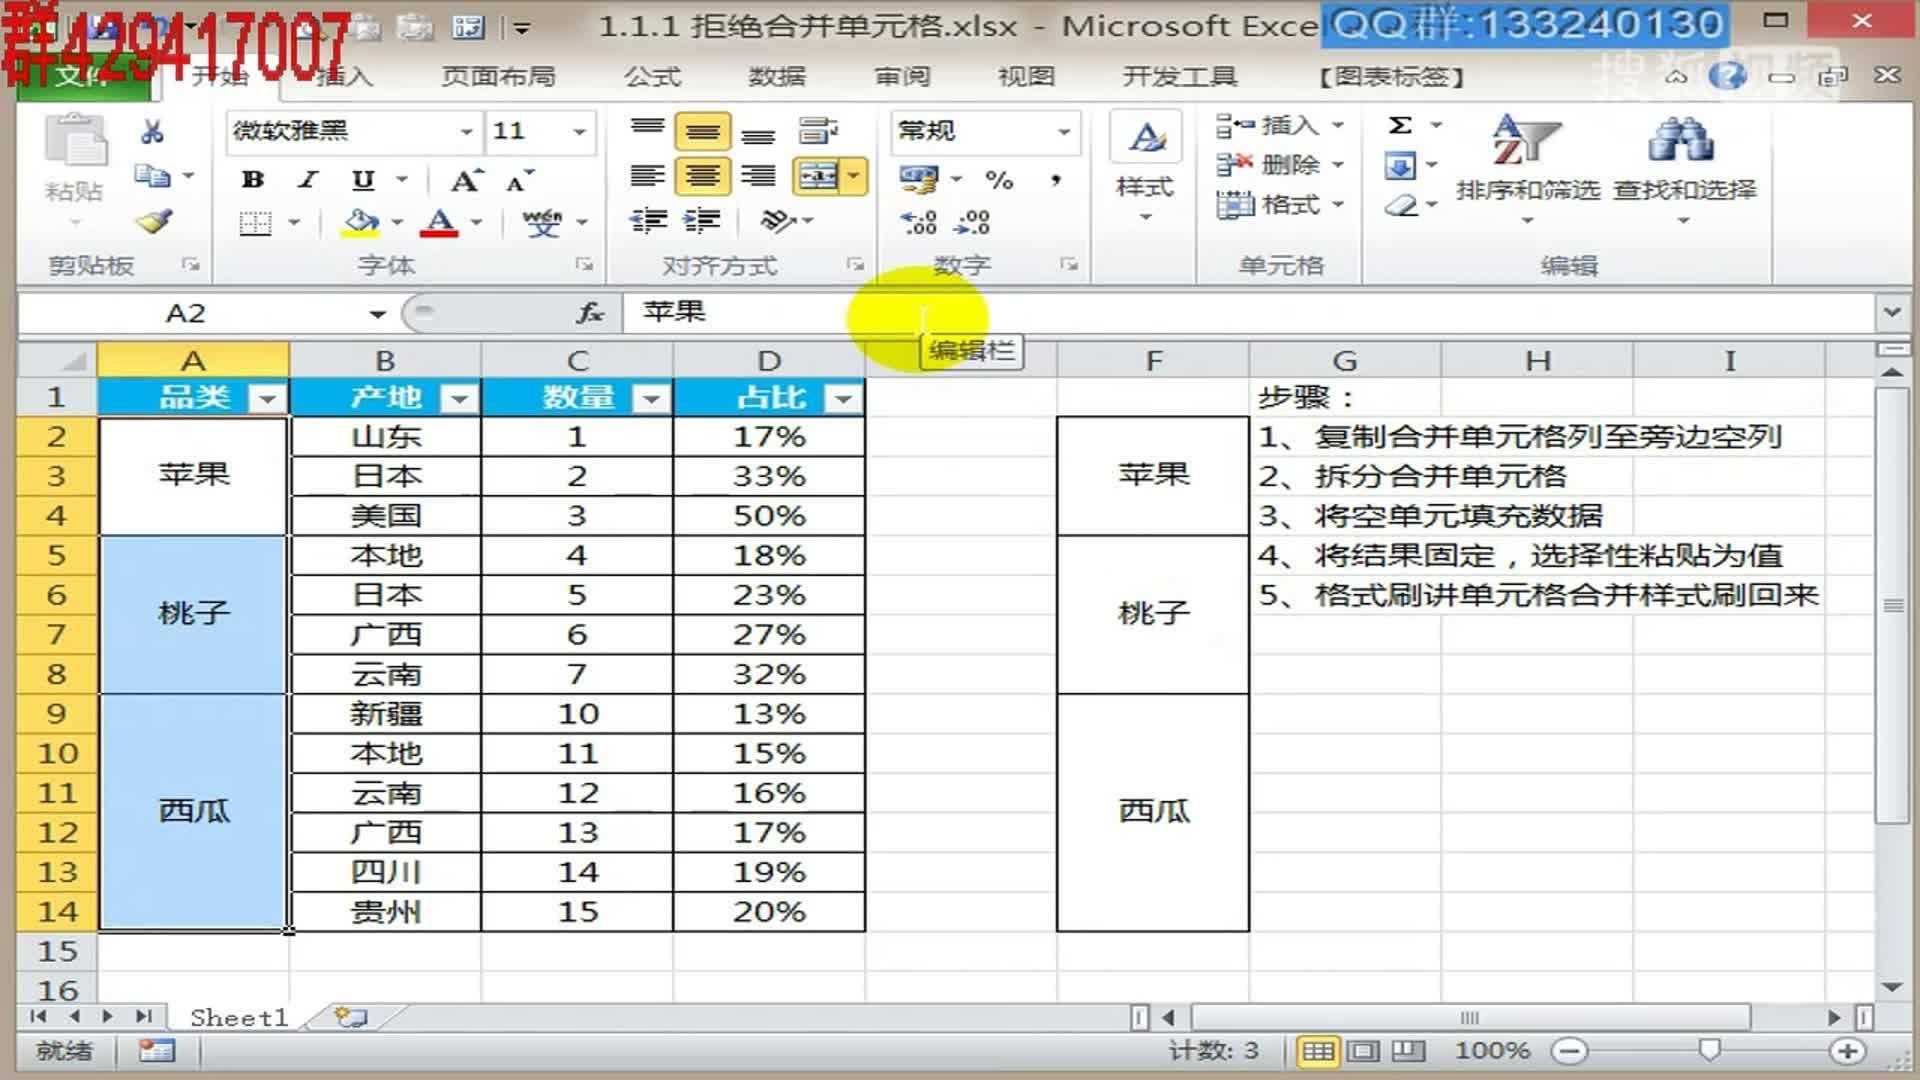 excel乘法公式教程_Excel教程-拆分合并单元格 excel乘法公式 excel公式-其他视频-搜狐视频